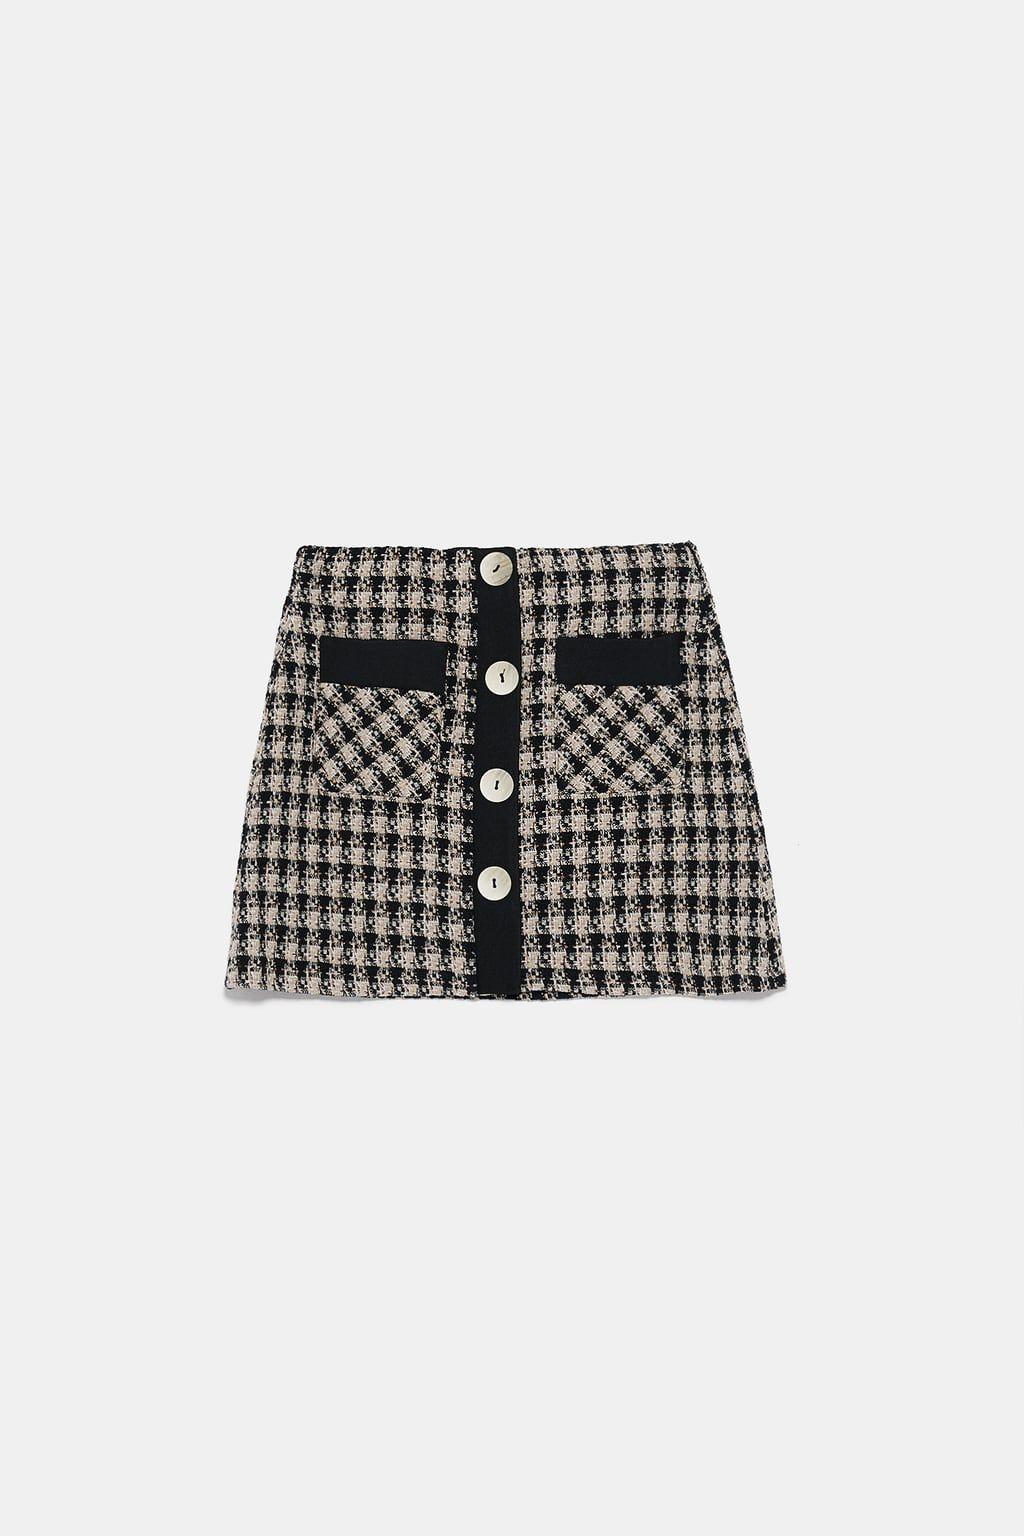 Tweedowa spódnica mini z guzikami   Zara, Spódnica mini, Guziki